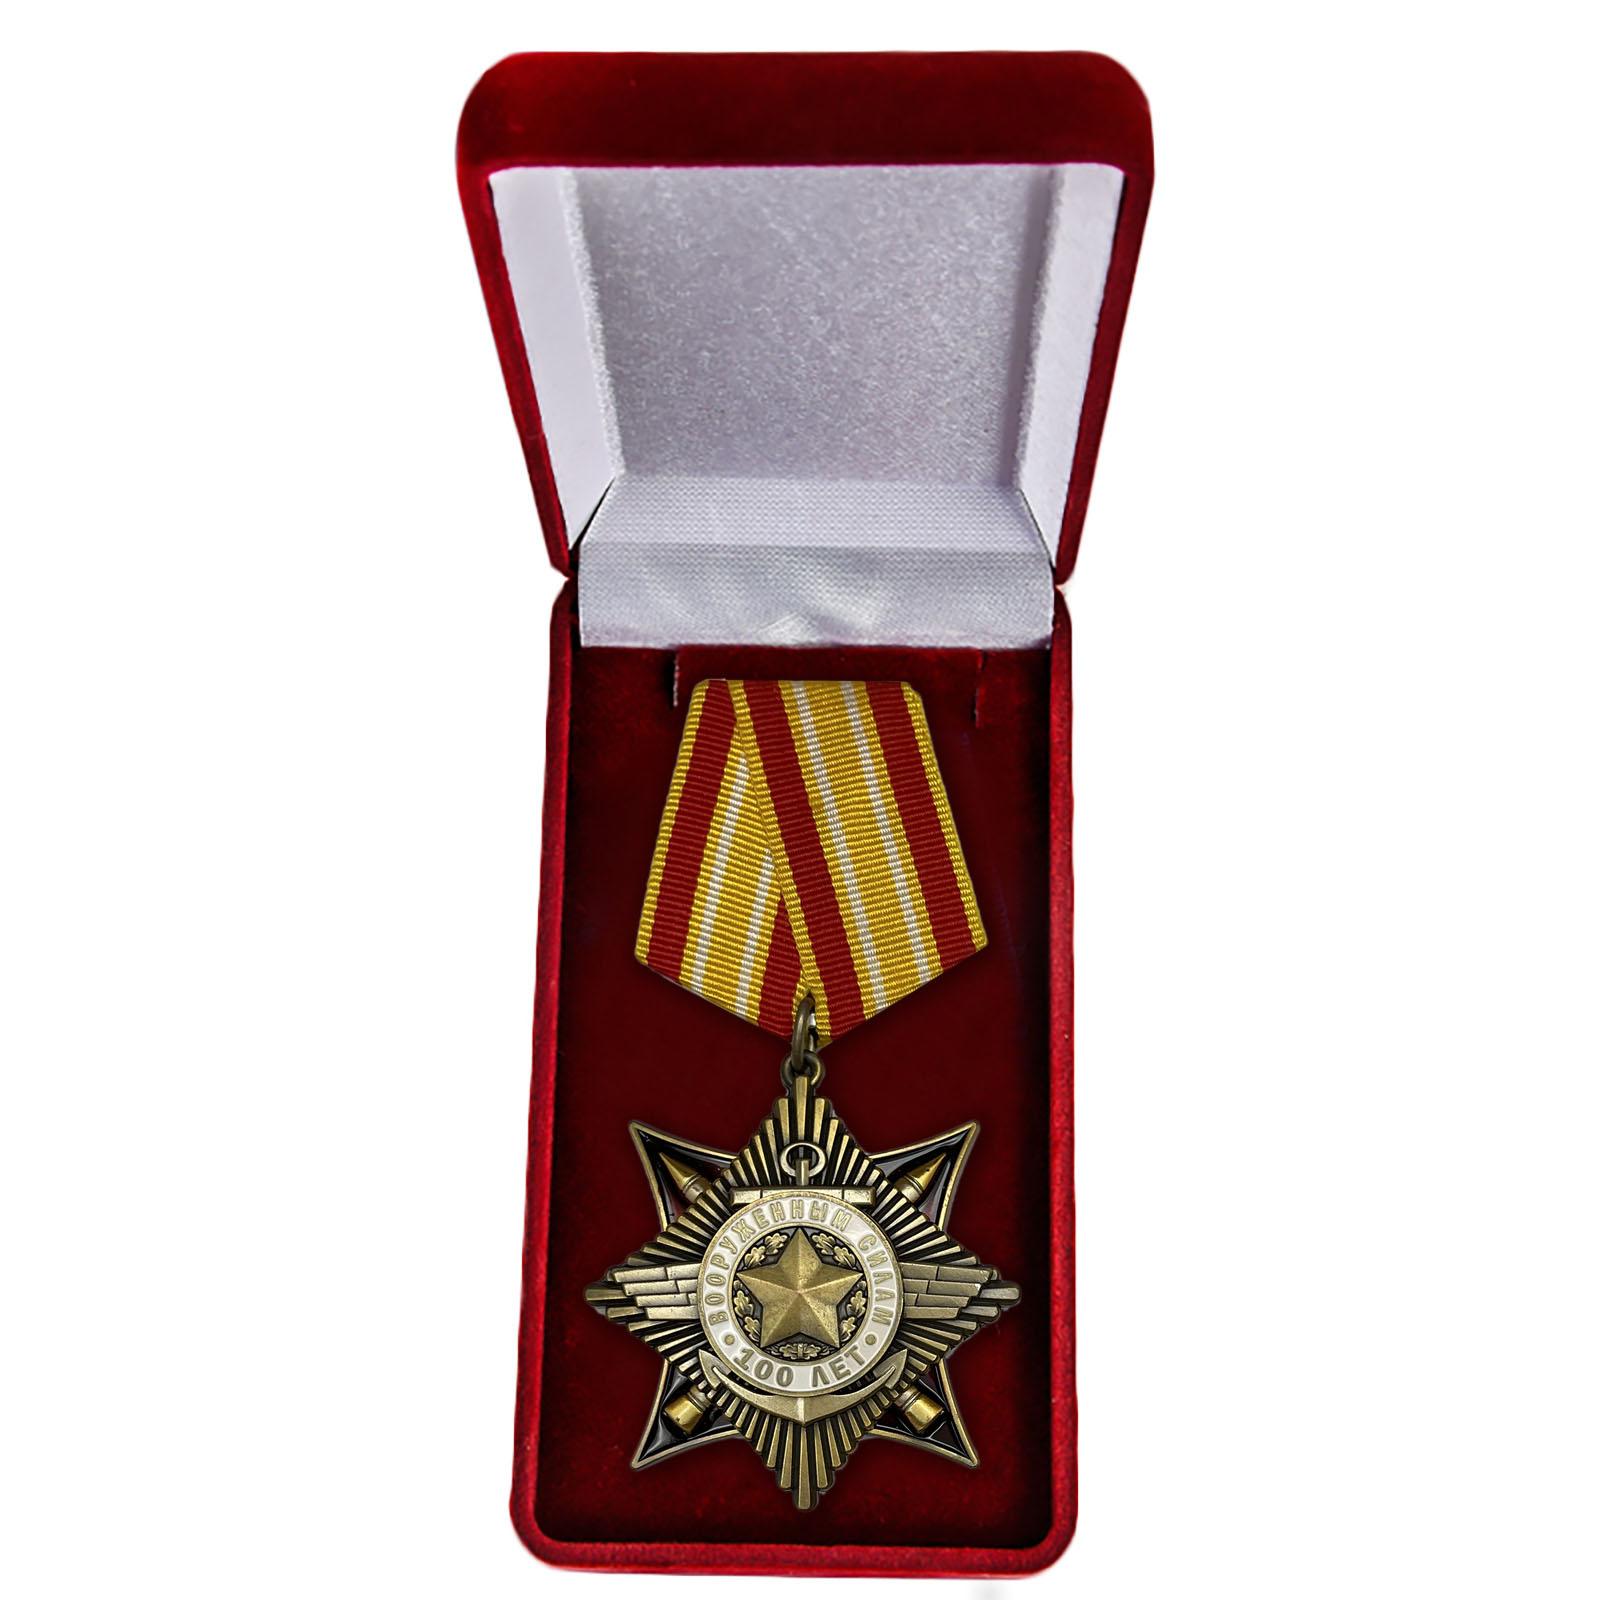 """Юбилейный орден """"100 лет Вооруженным Силам"""" в футляре"""